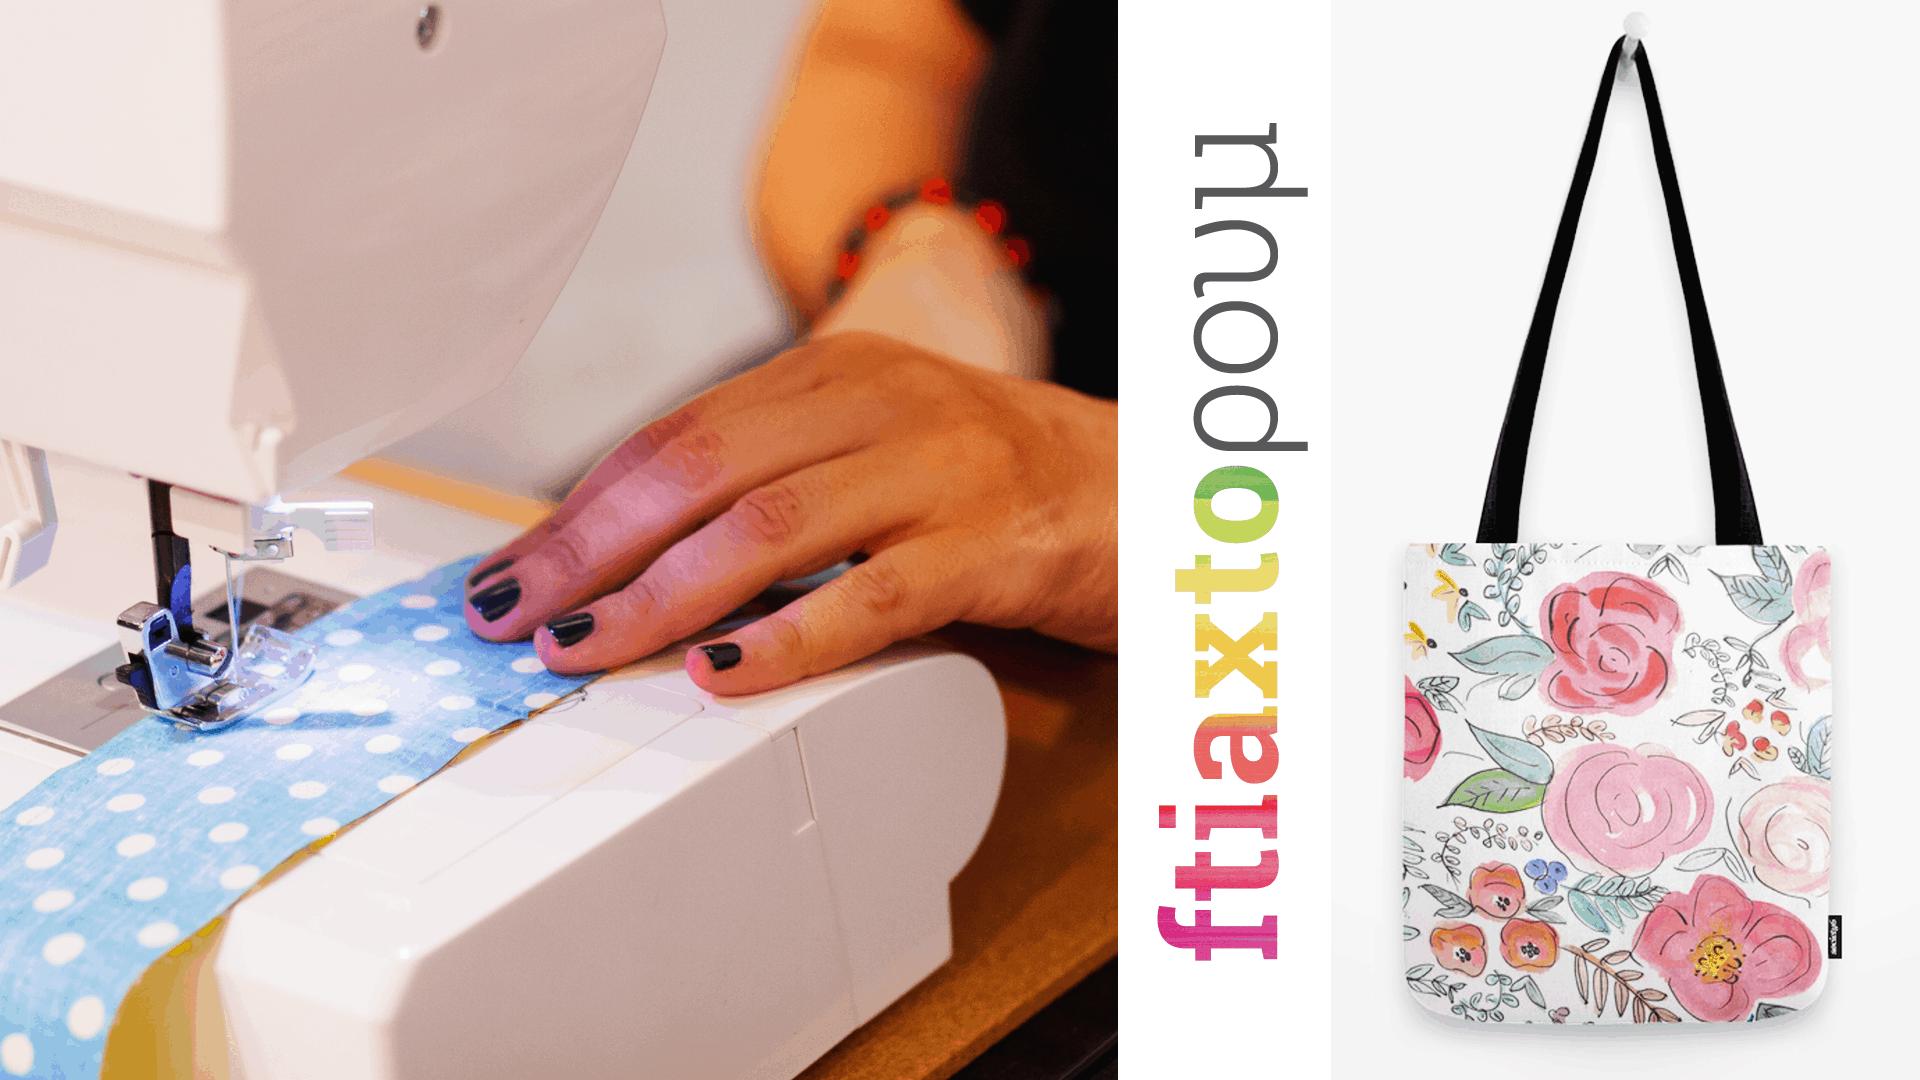 Σεμινάριο: Μάθε να ράβεις (για αρχάριους) και φτιάξε την πρώτη σου τσάντα